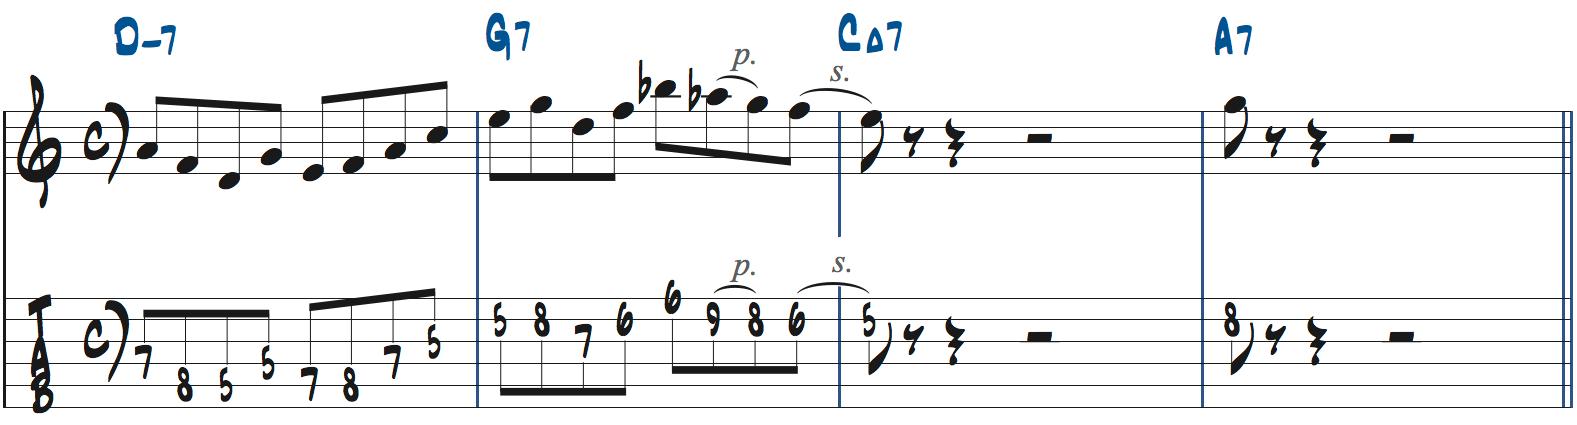 251リックを使った後のフレーズの作り方1楽譜